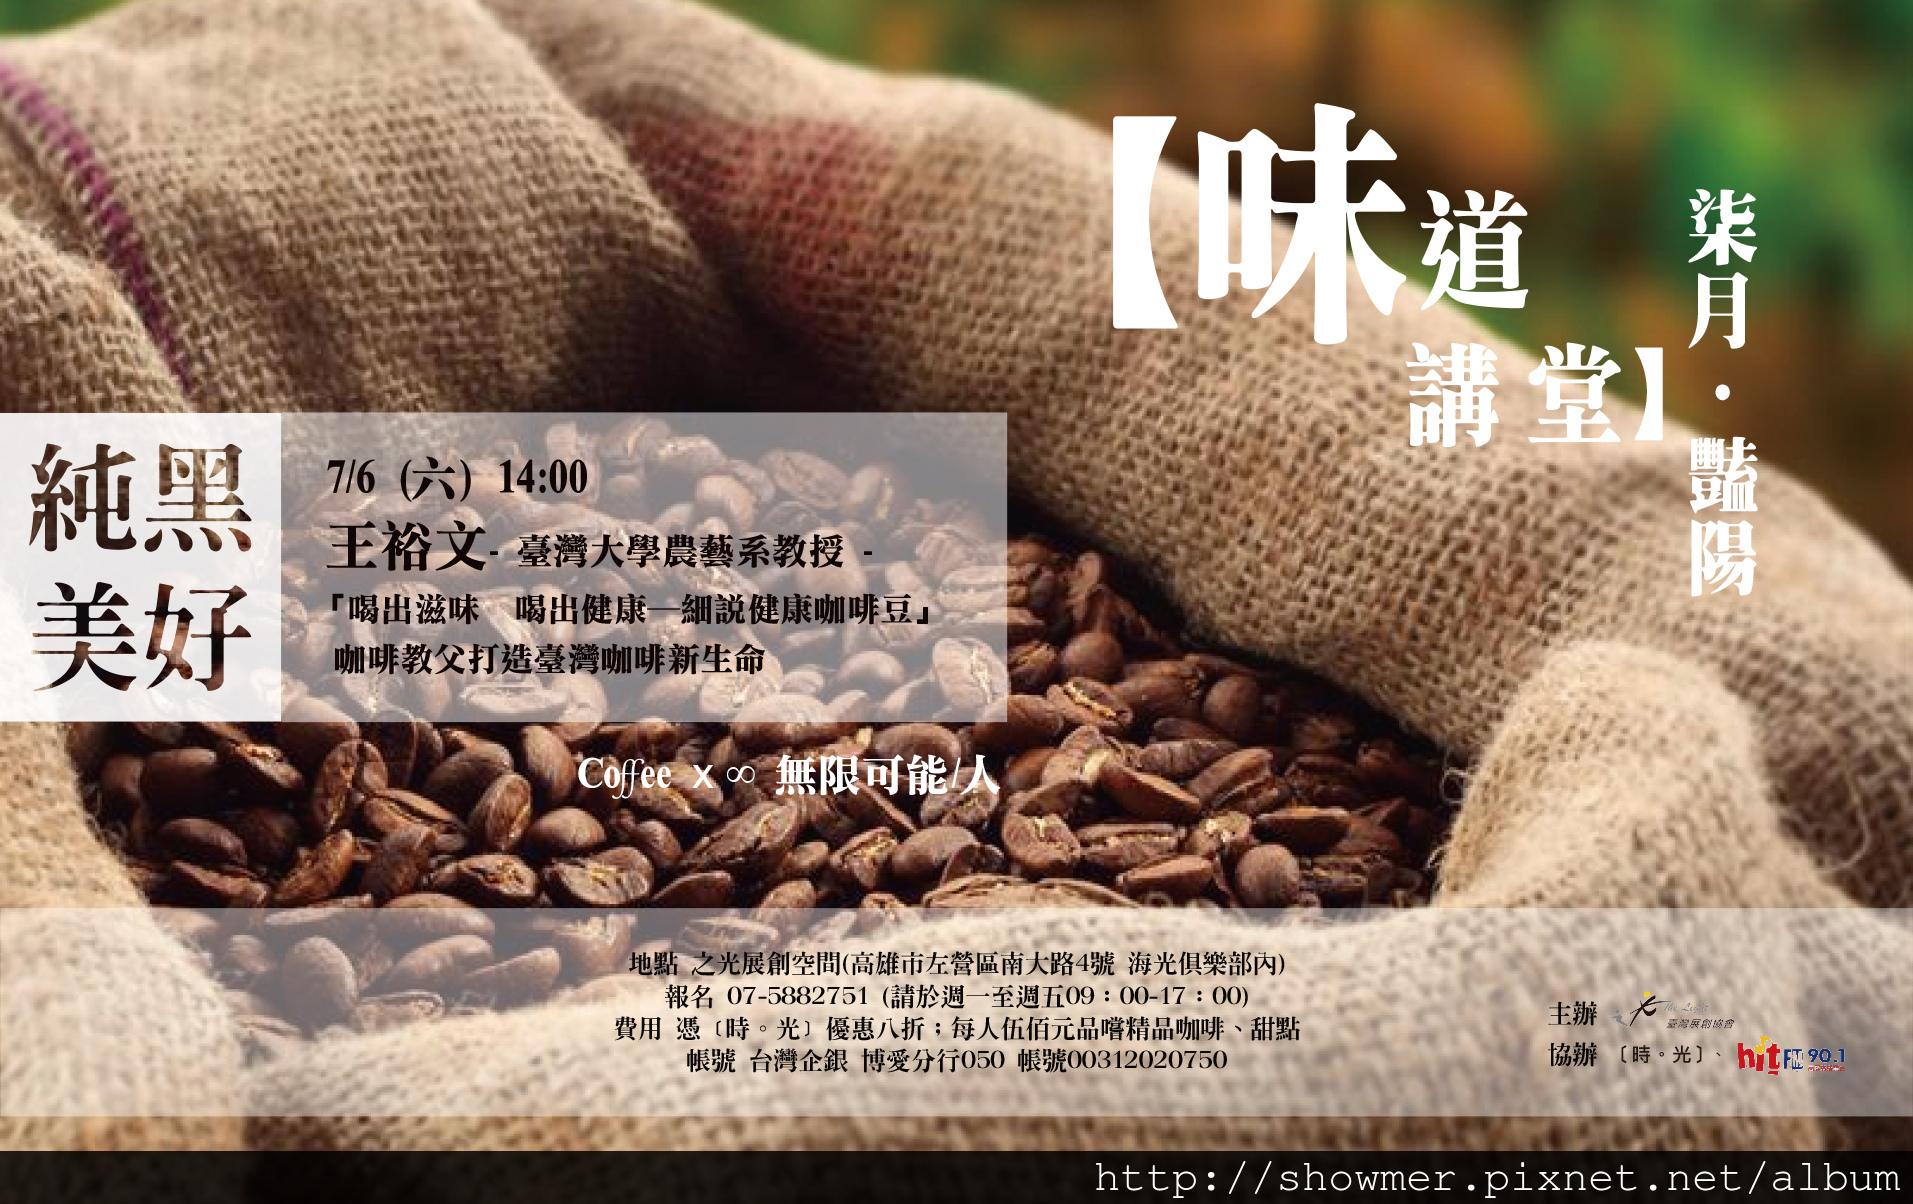 七月份講堂酷卡(降)_copy-4